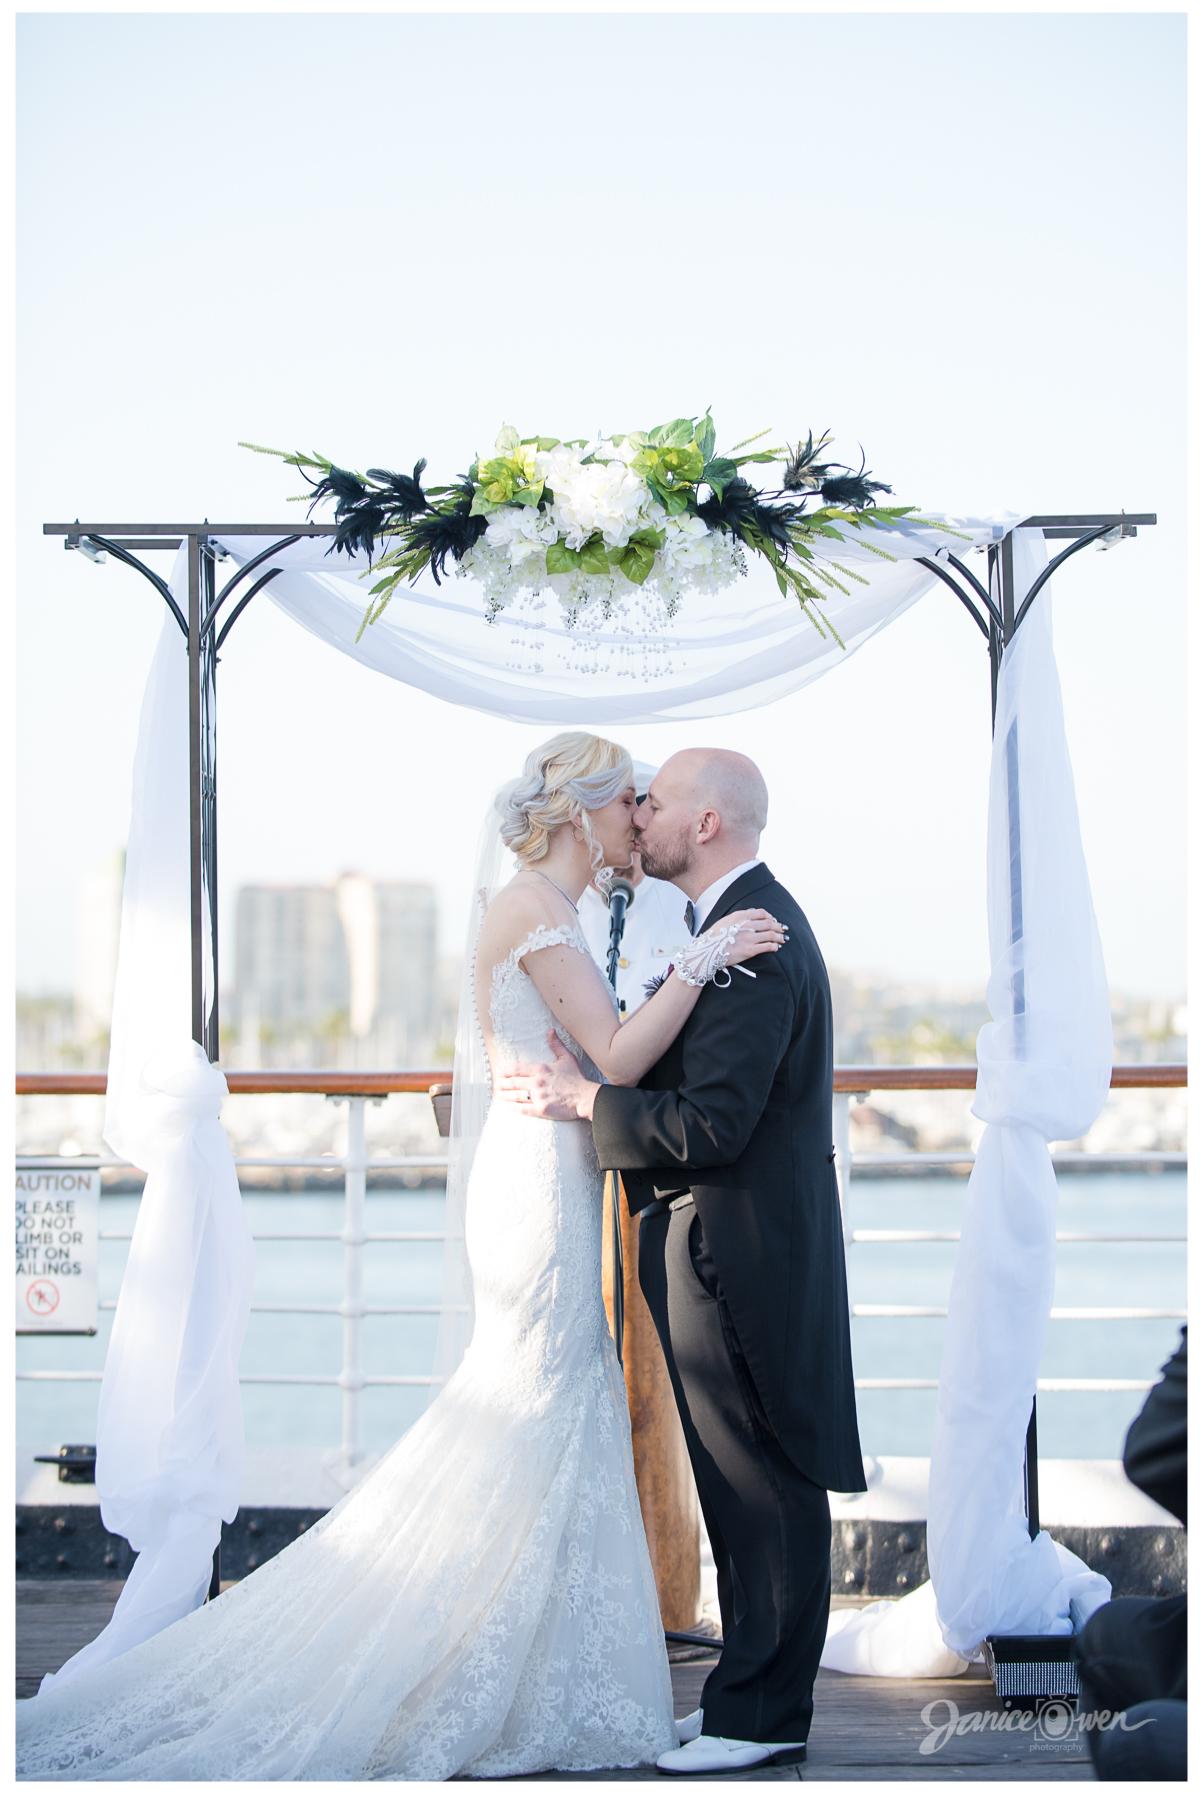 janiceowenphotography_wedding39.jpg